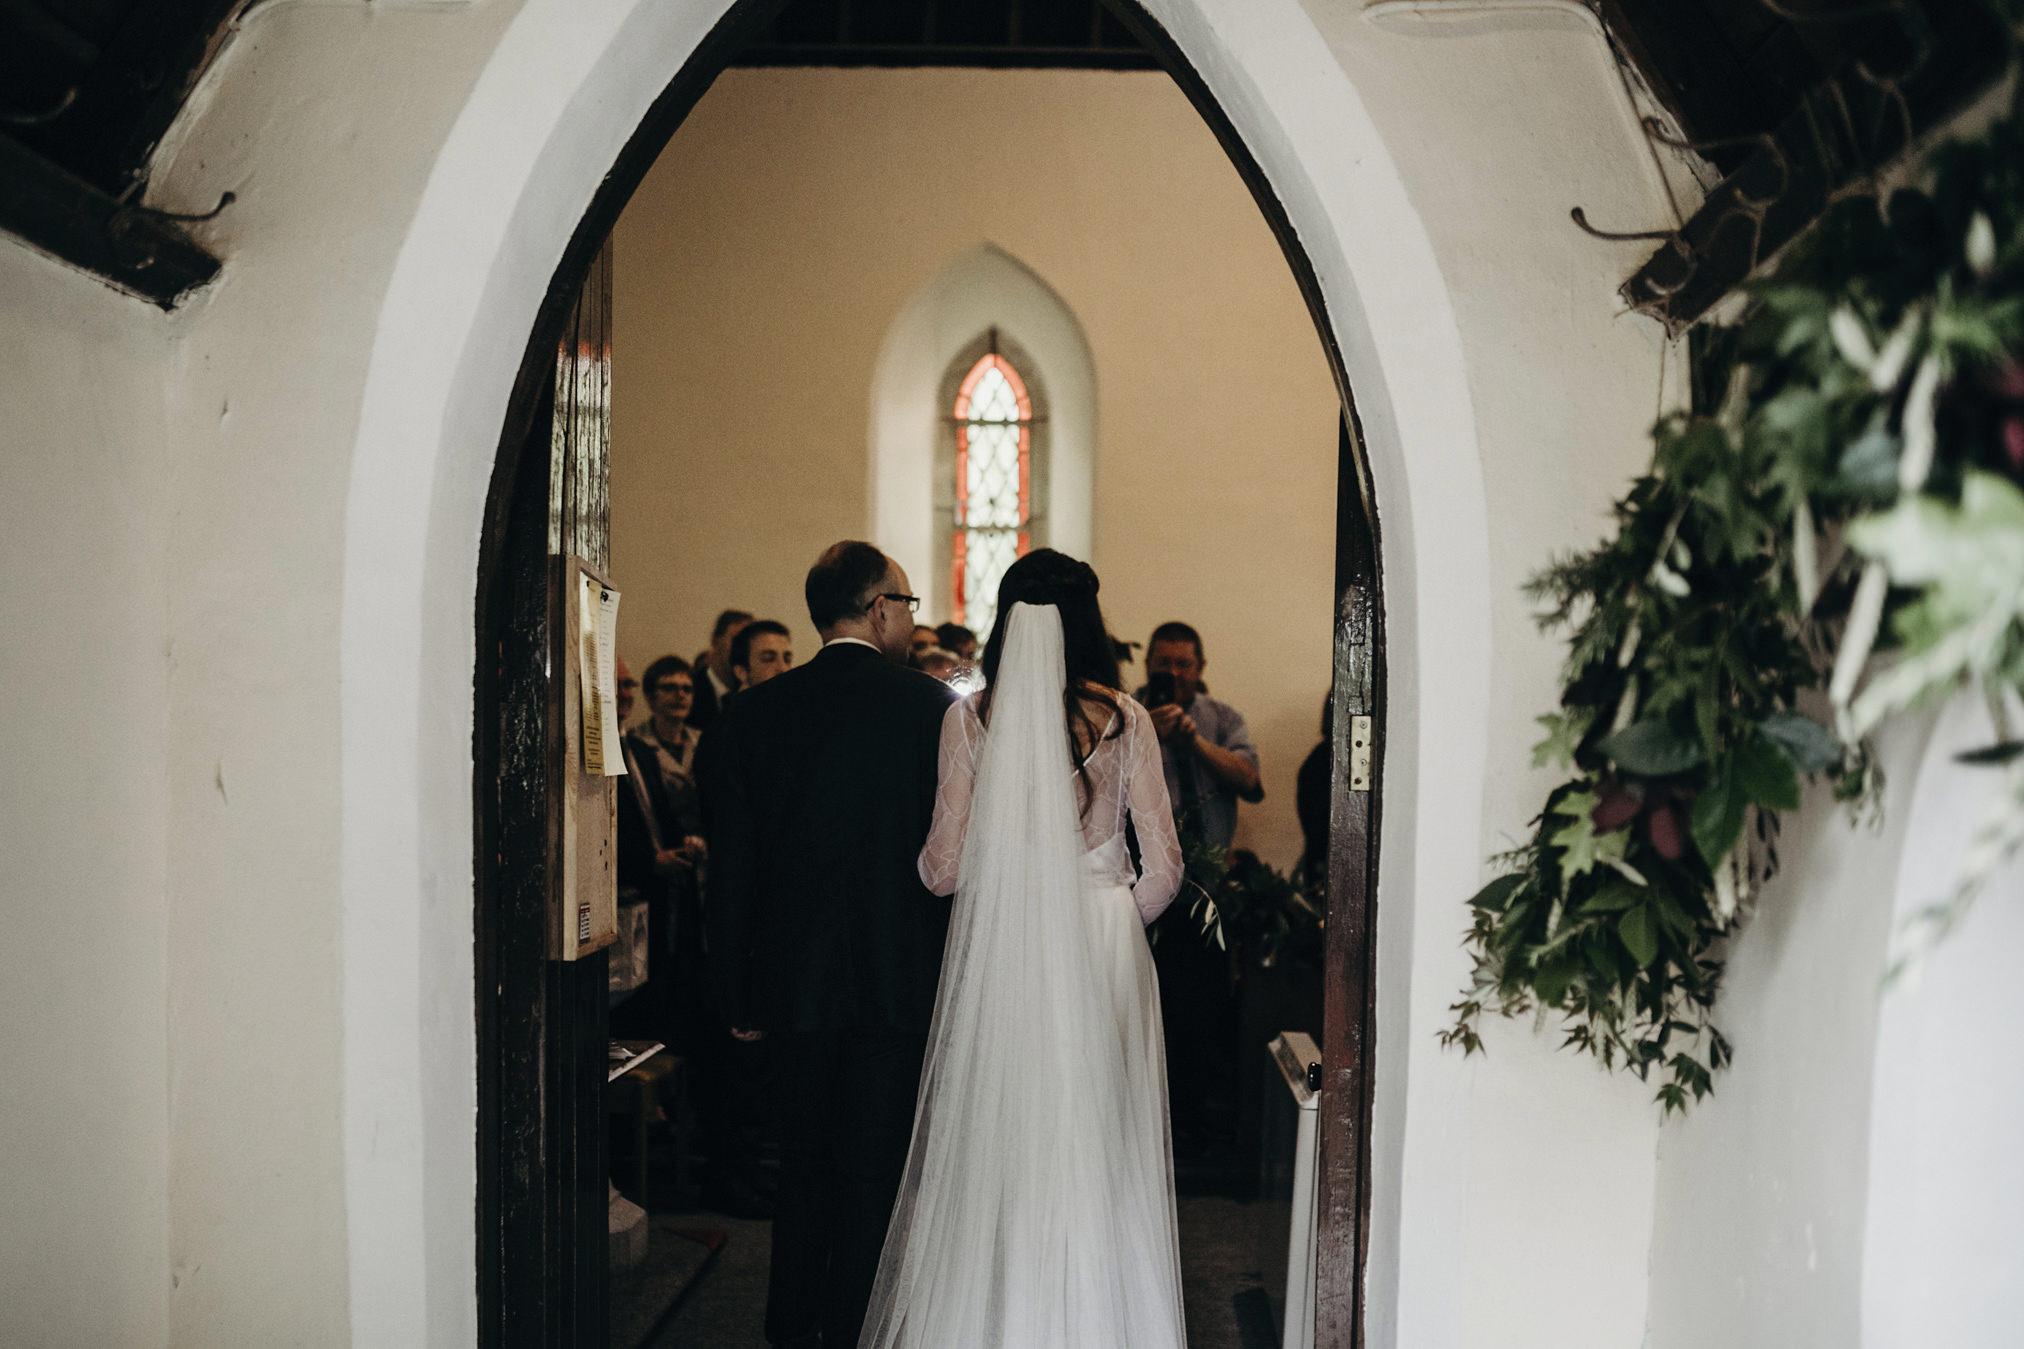 wedding photographer irelandGraciela Vilagudin Photography537.jpg